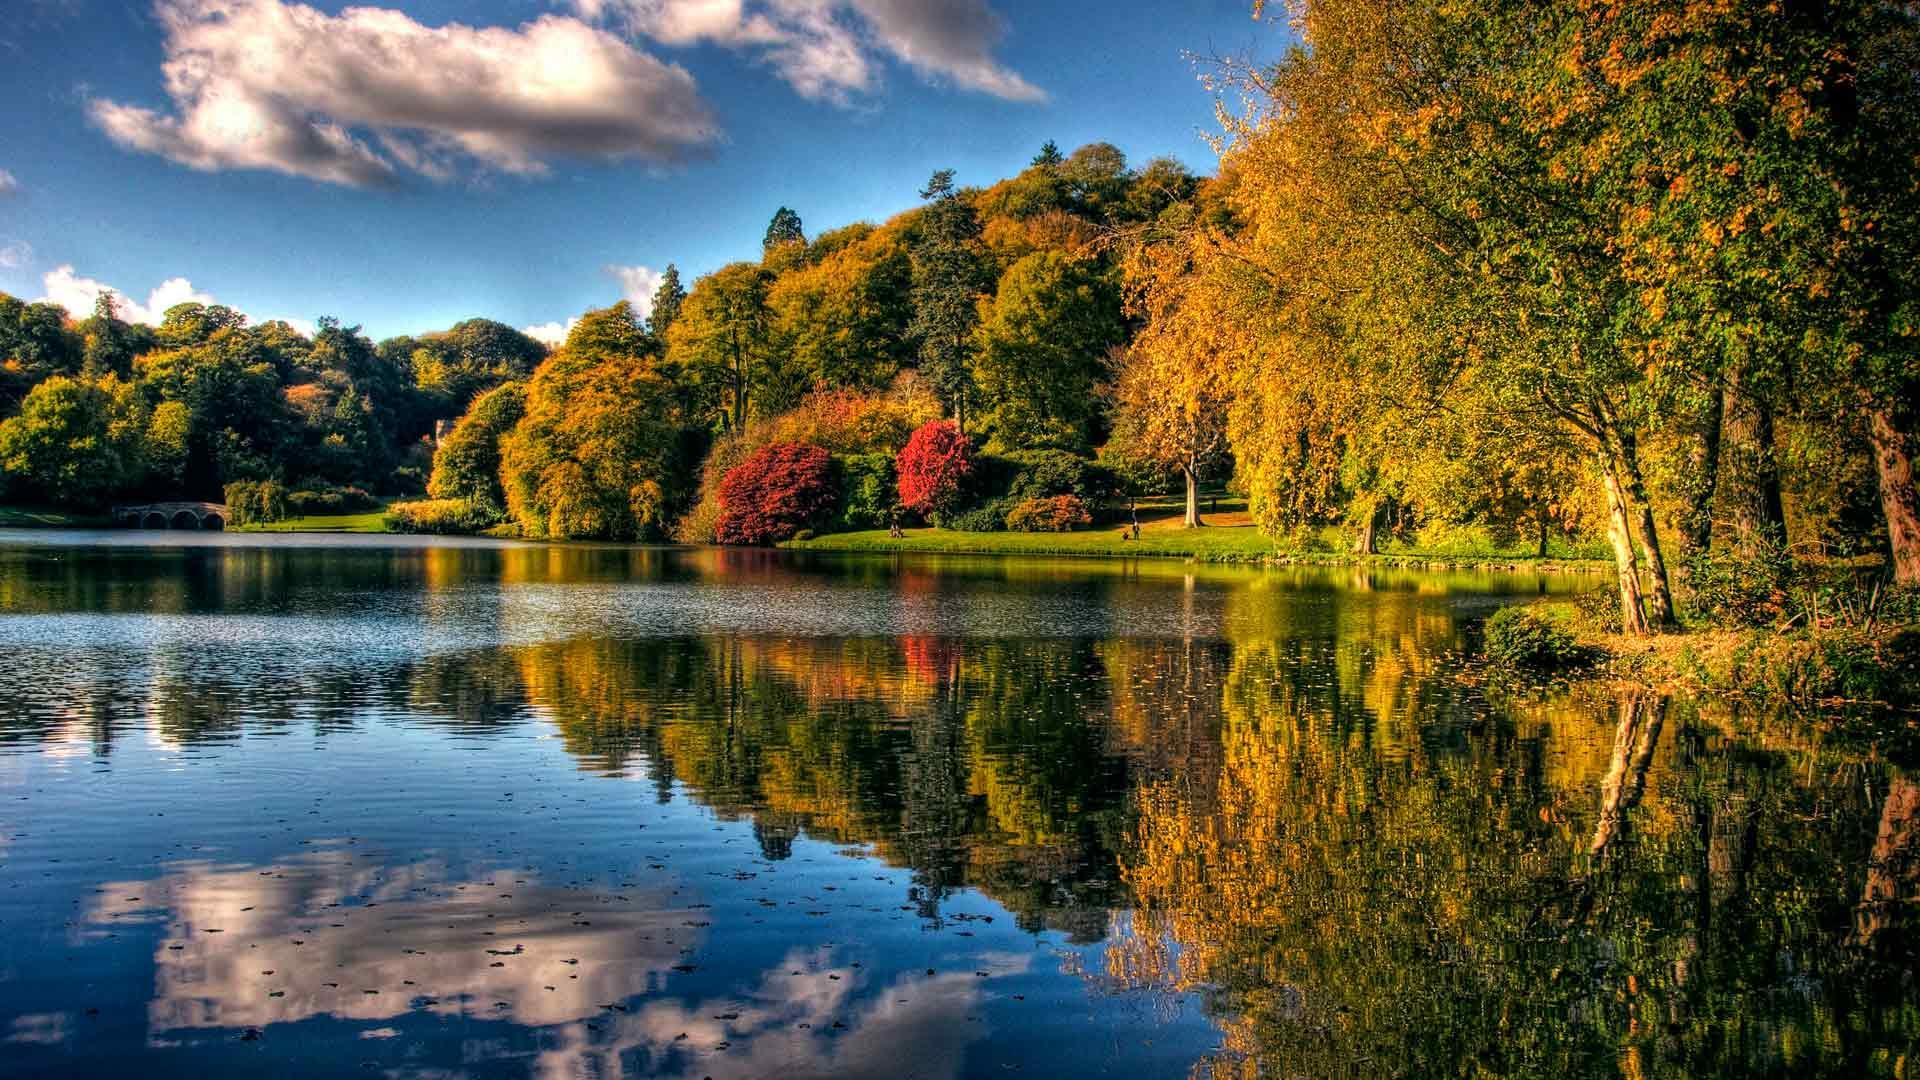 Обои для рабочего стола осень в парке - красивые фото